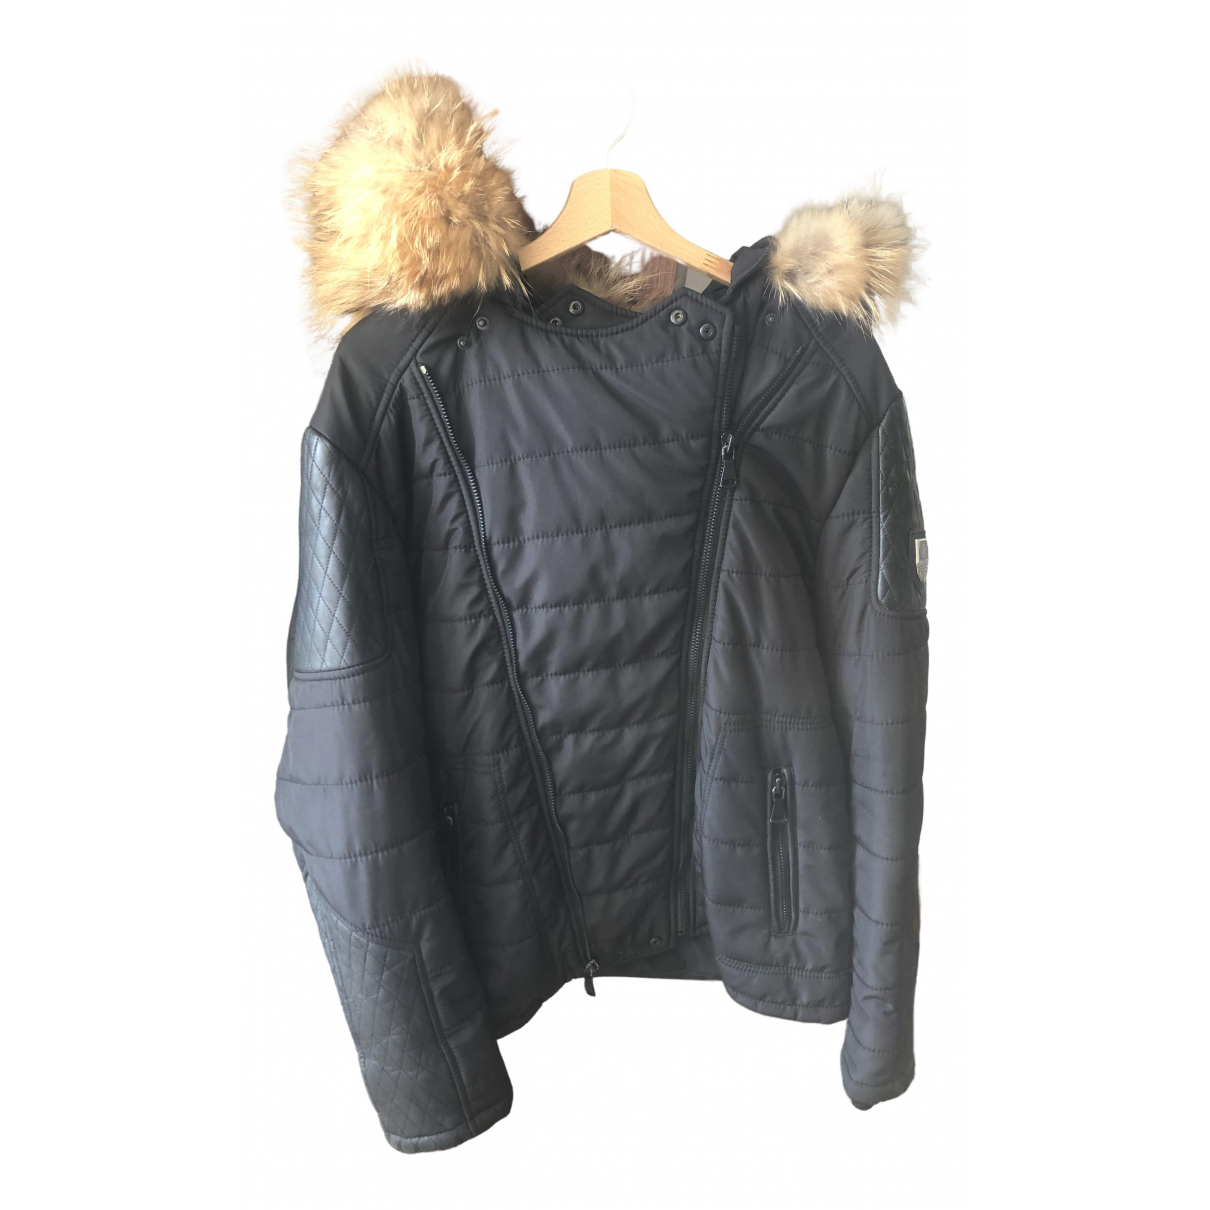 Horpist - Manteau   pour homme en renard - noir